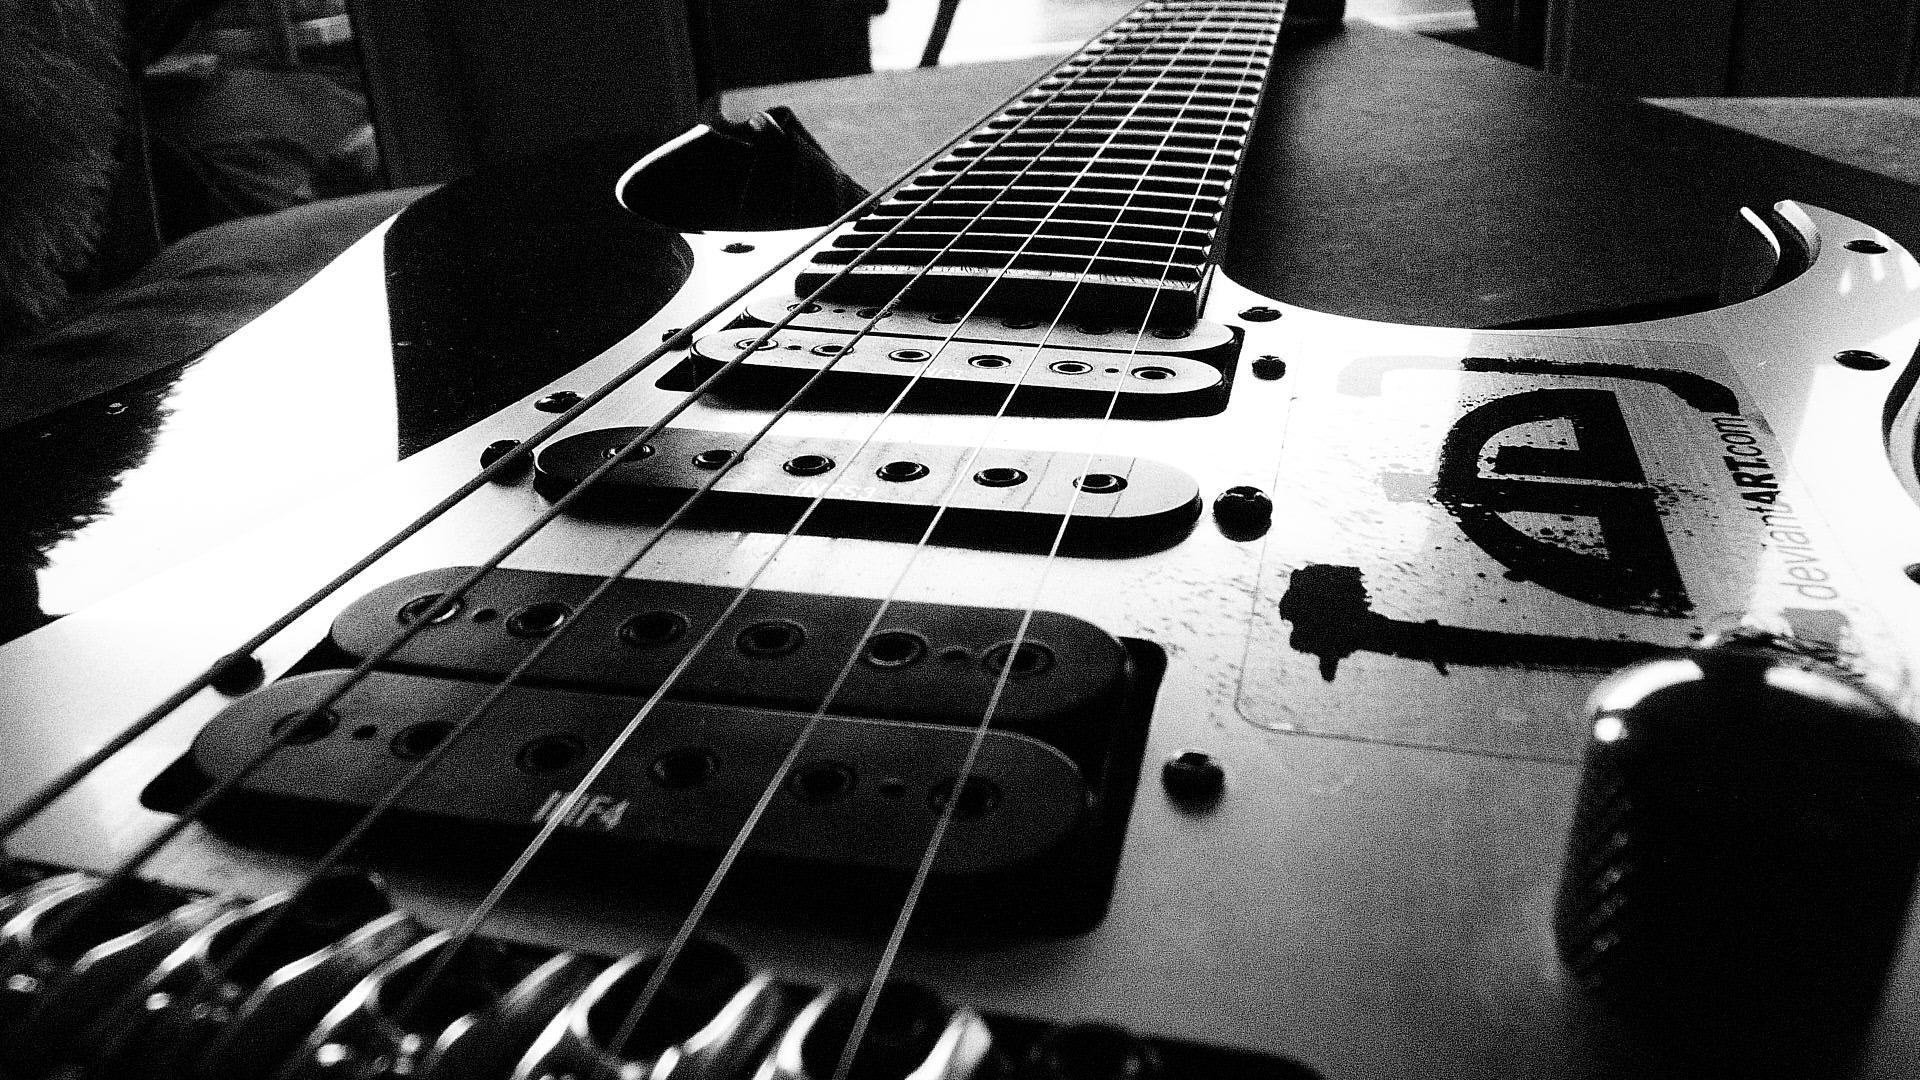 Gitarre Full HD Wallpaper and Hintergrund | 1920x1080 | ID ...